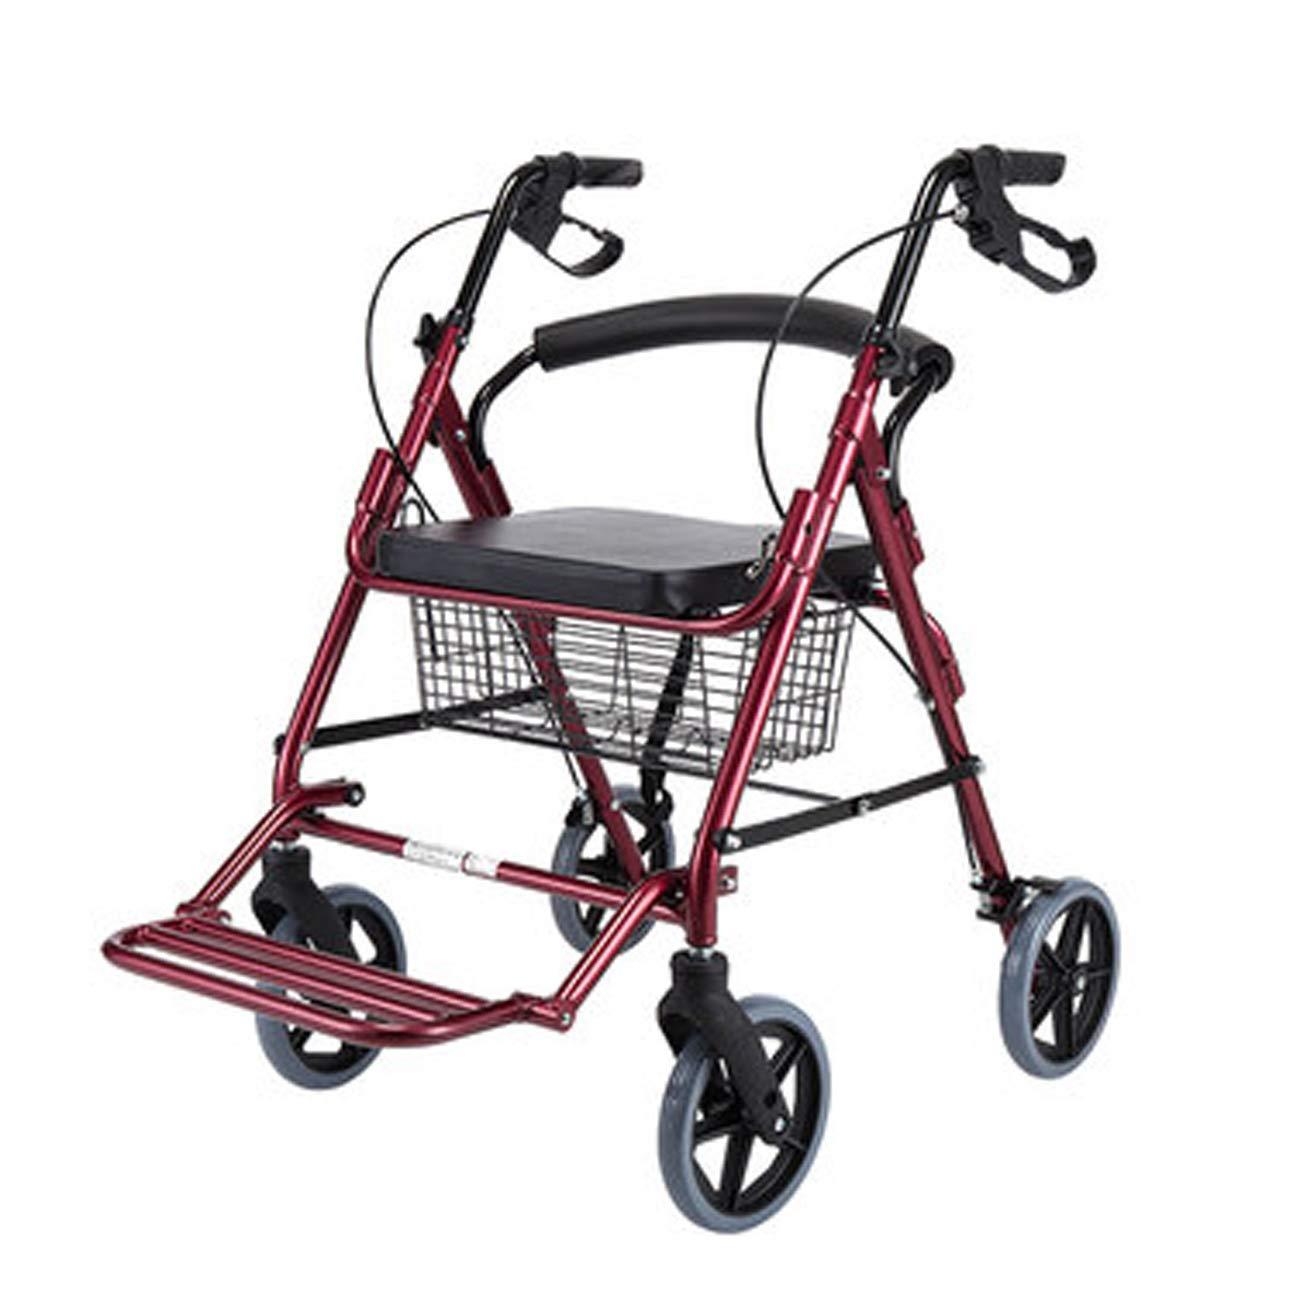 優先配送 高齢者の歩行者、ハンドブレーキ合金の歩行の歩行器を持って、4キャスター補助歩行者を運ぶ (色 (色 : Red) Red) B07KTY1525 Red B07KTY1525, 歯科医院専売品のデンタルフィット:d711c134 --- a0267596.xsph.ru